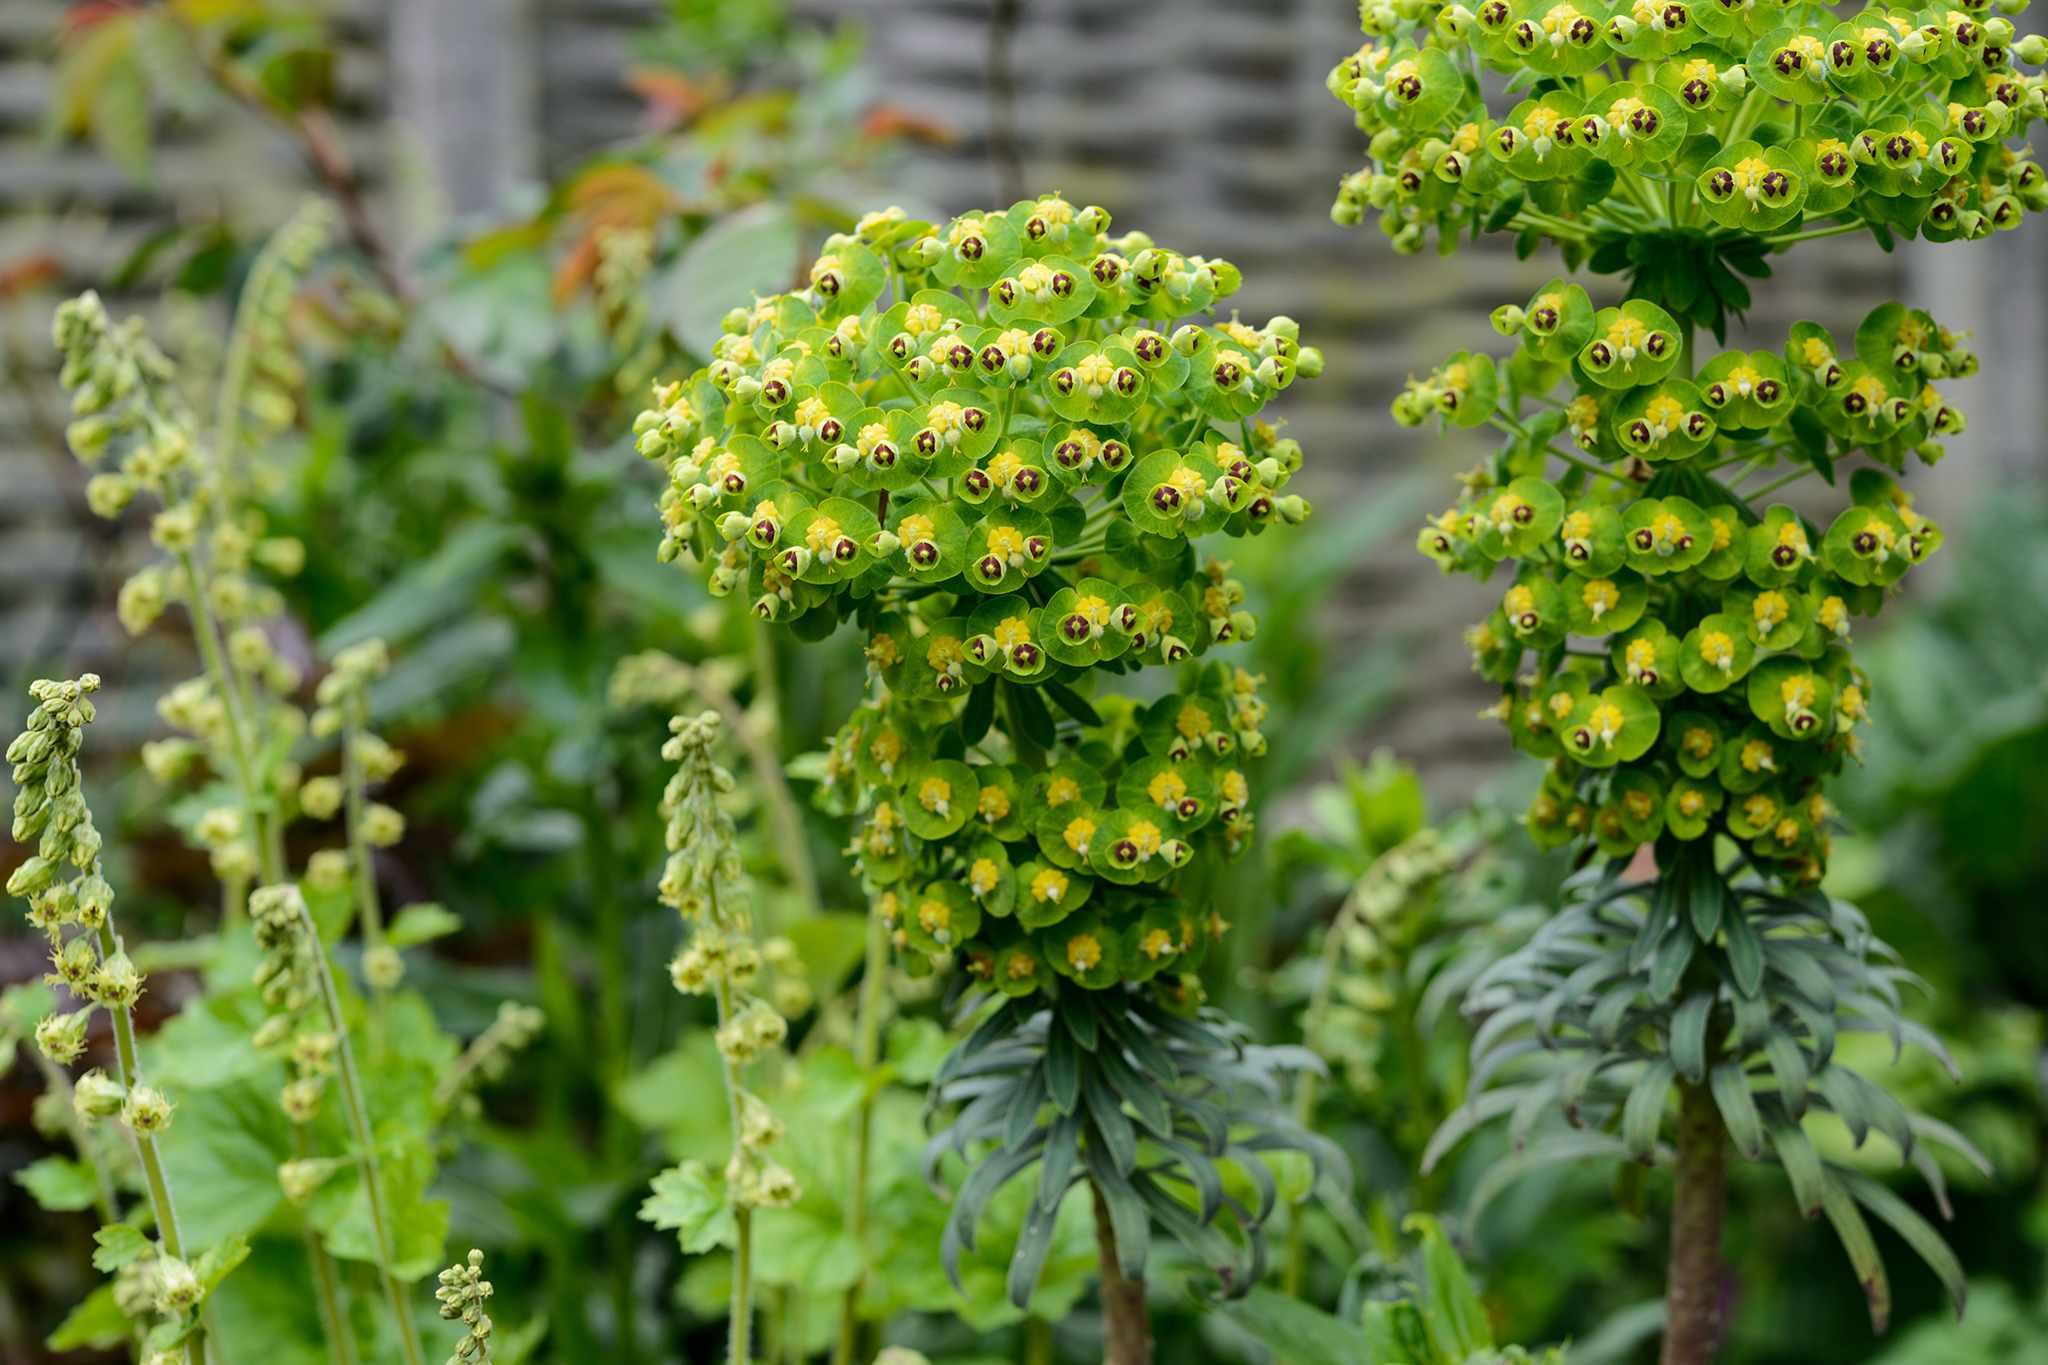 Euphorbia characias subsp. wulfennii